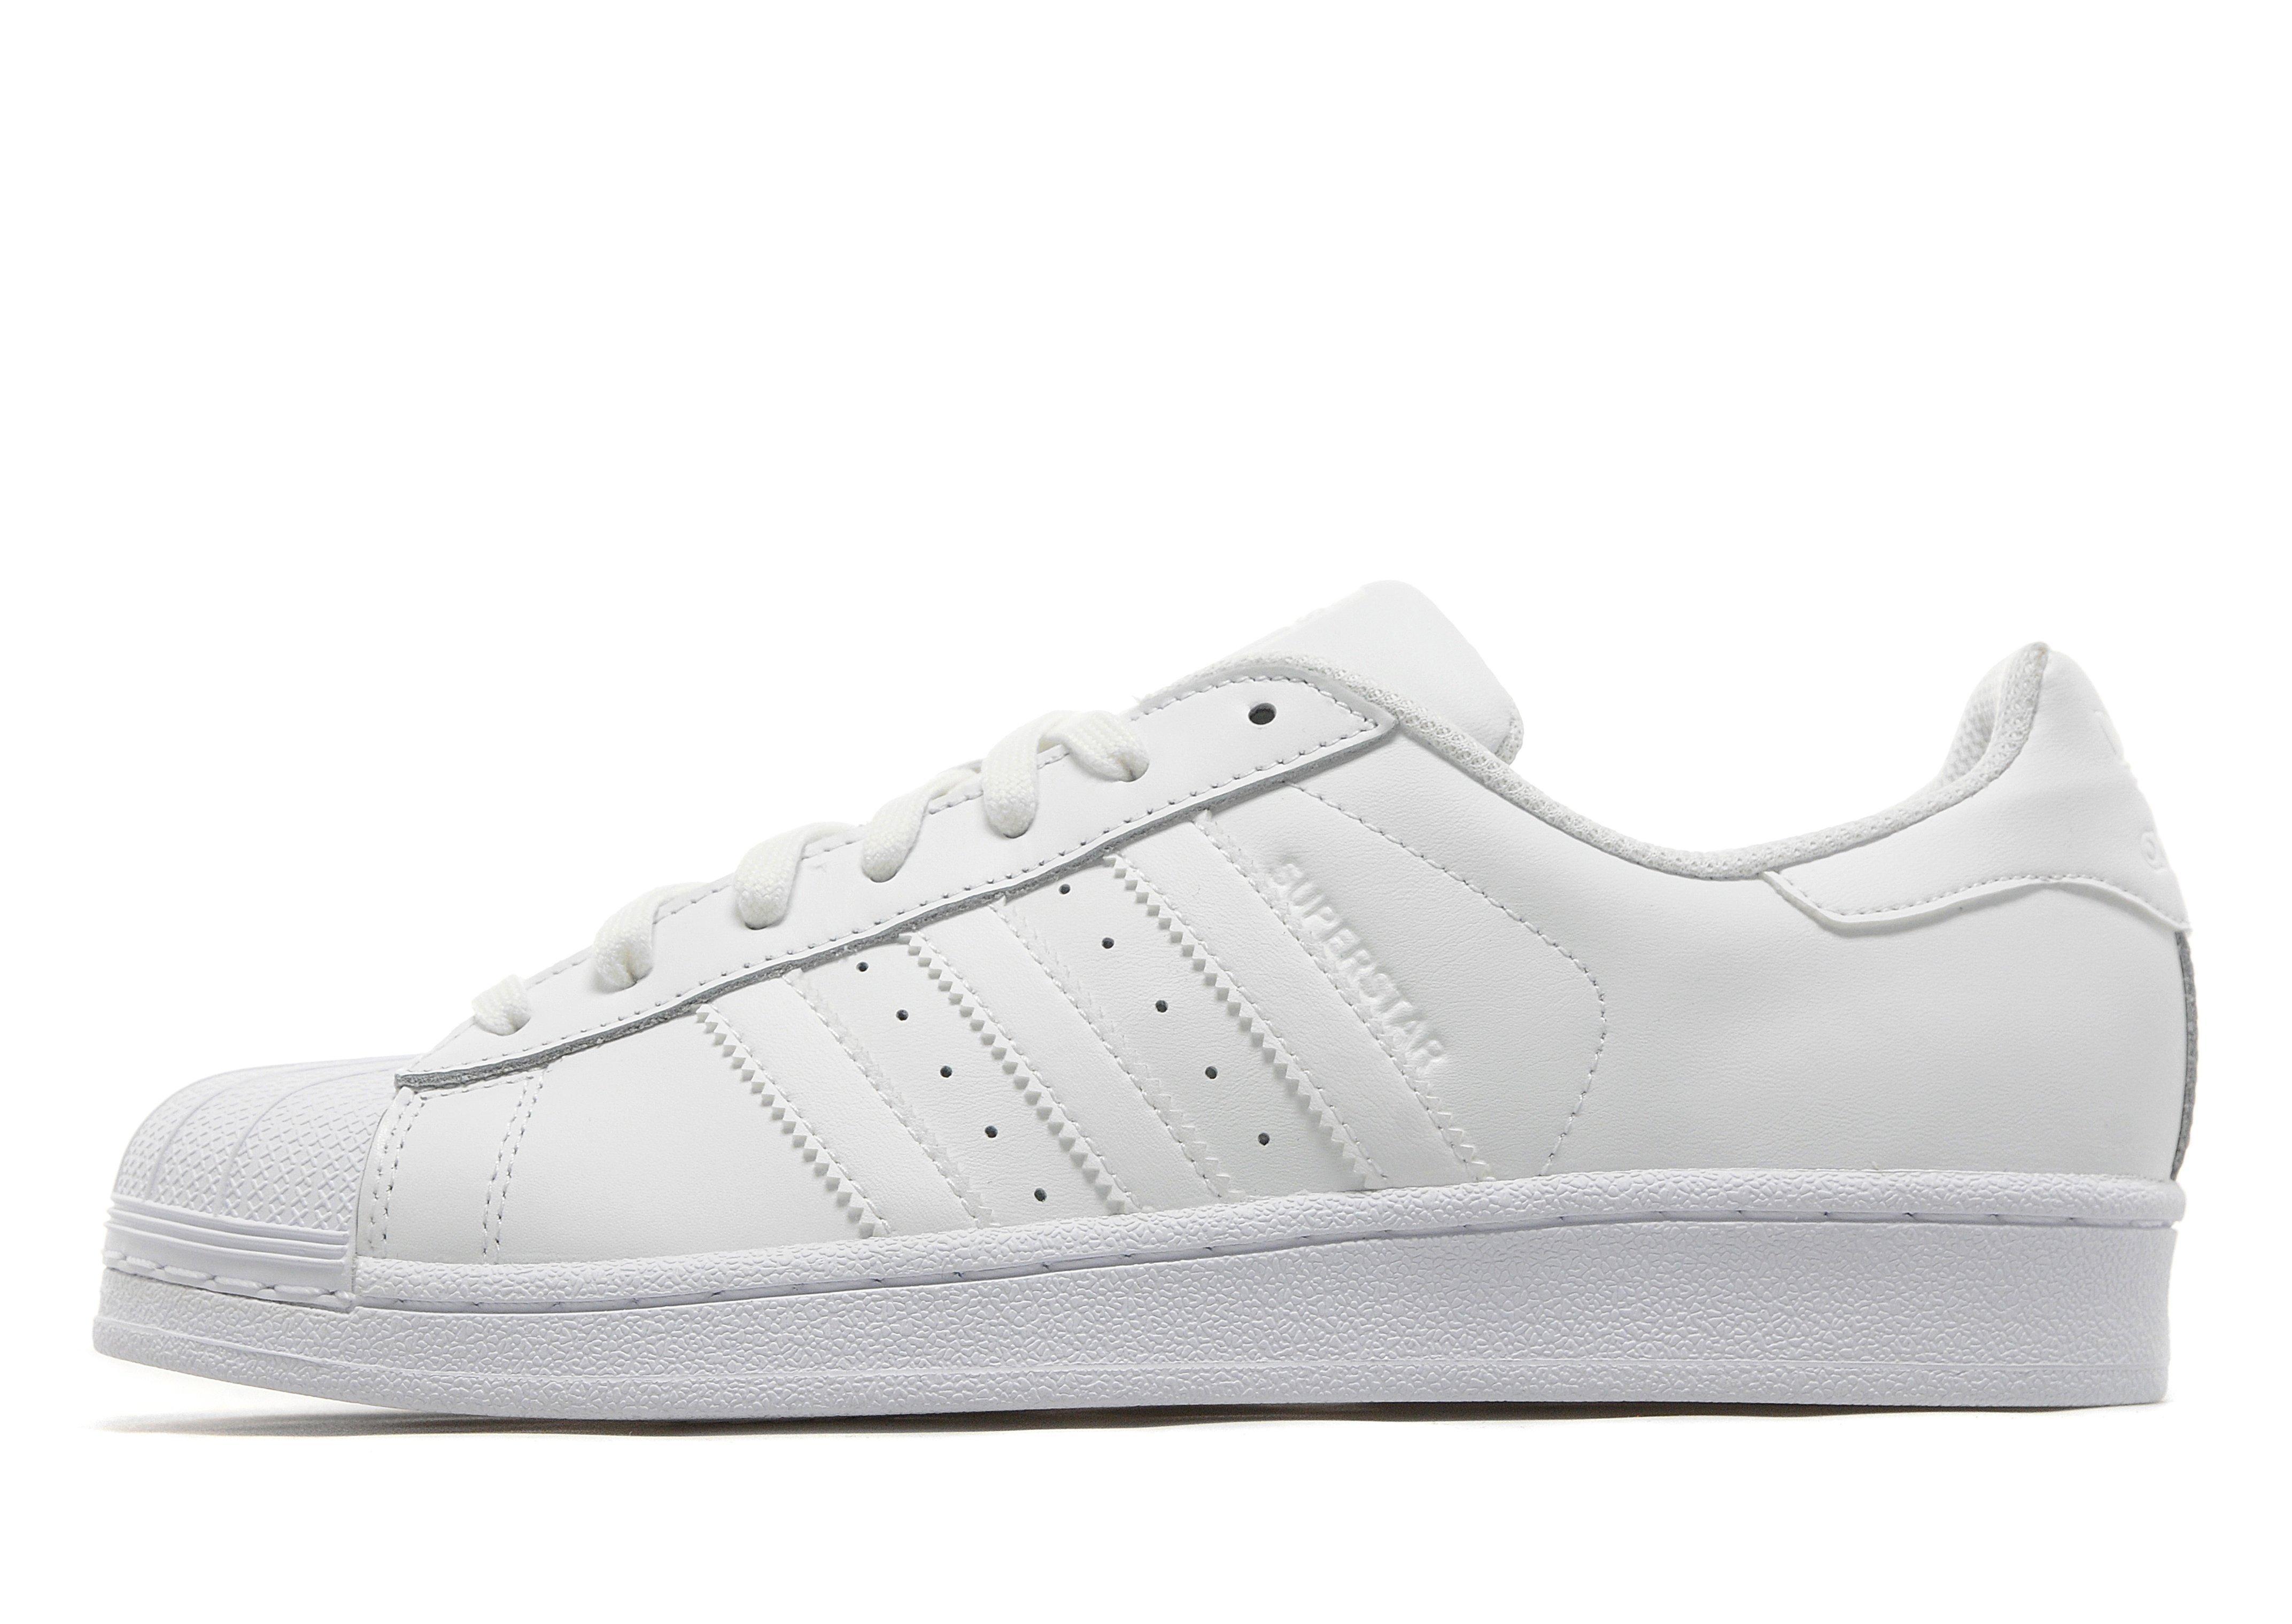 Adidas Original Shoes Jd